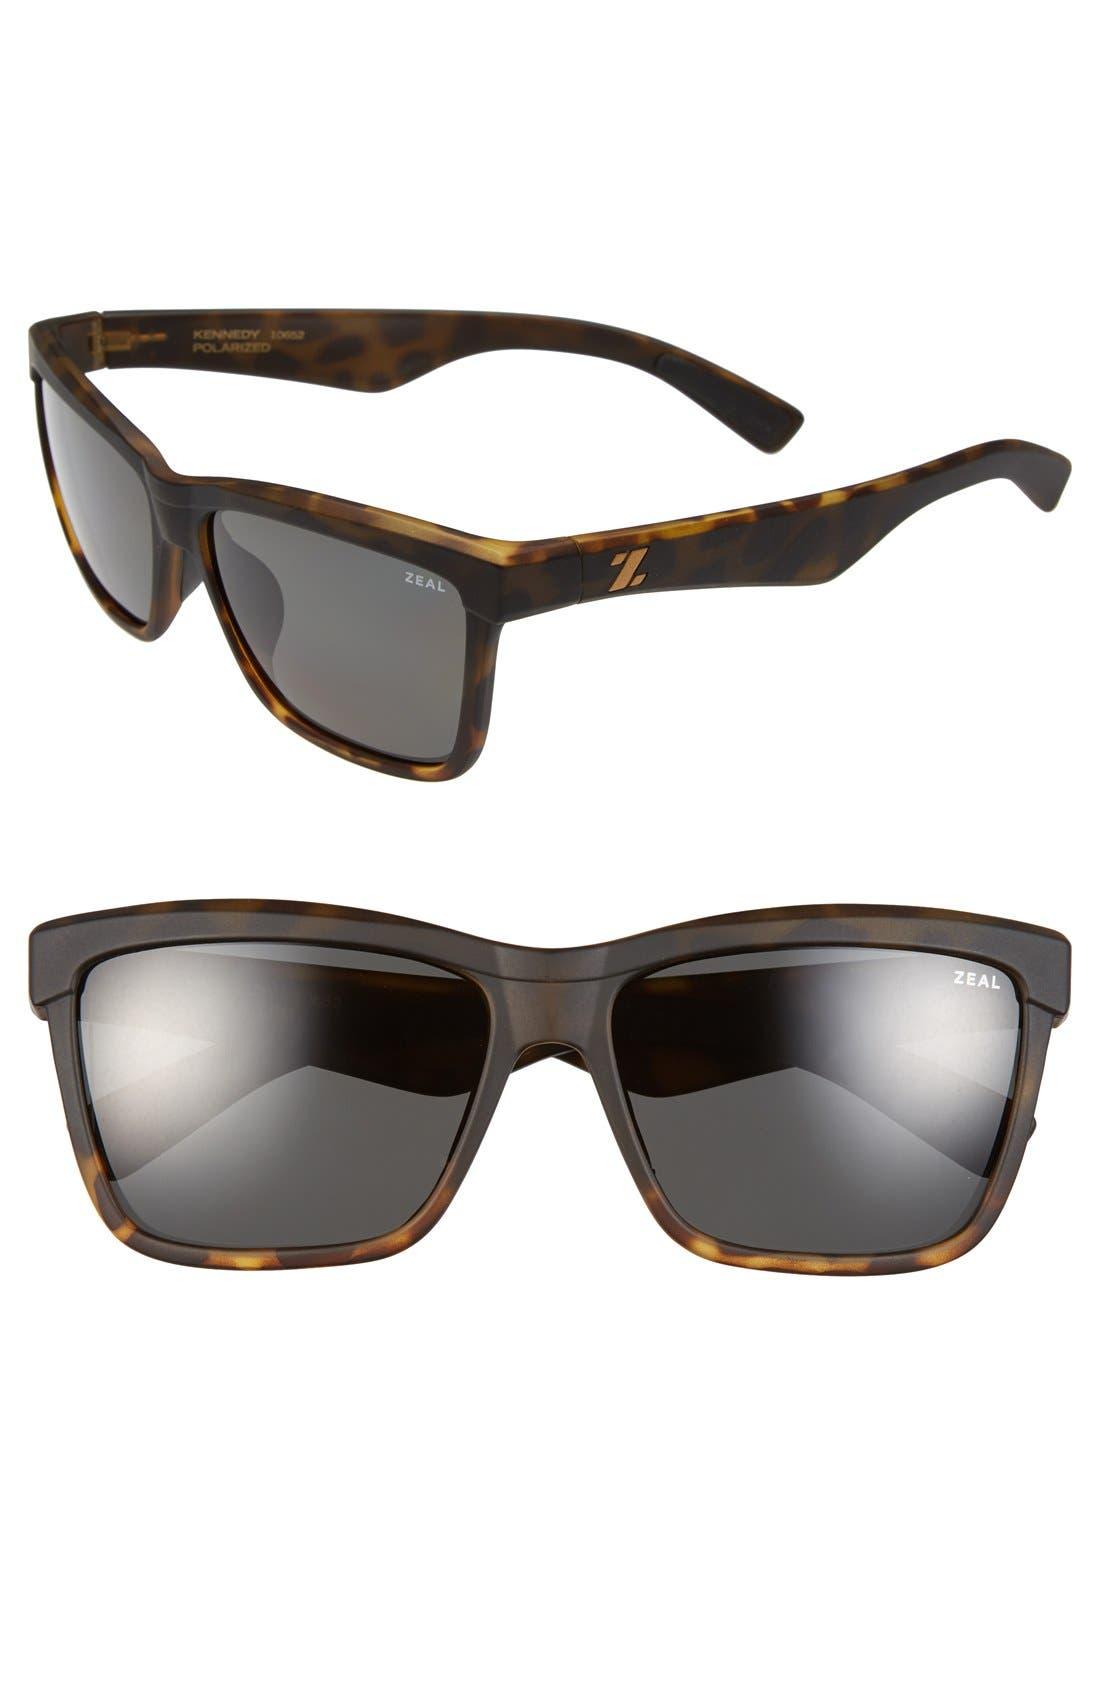 Main Image - Zeal Optics 'Kennedy' 56mm Polarized Plant Based Retro Sunglasses